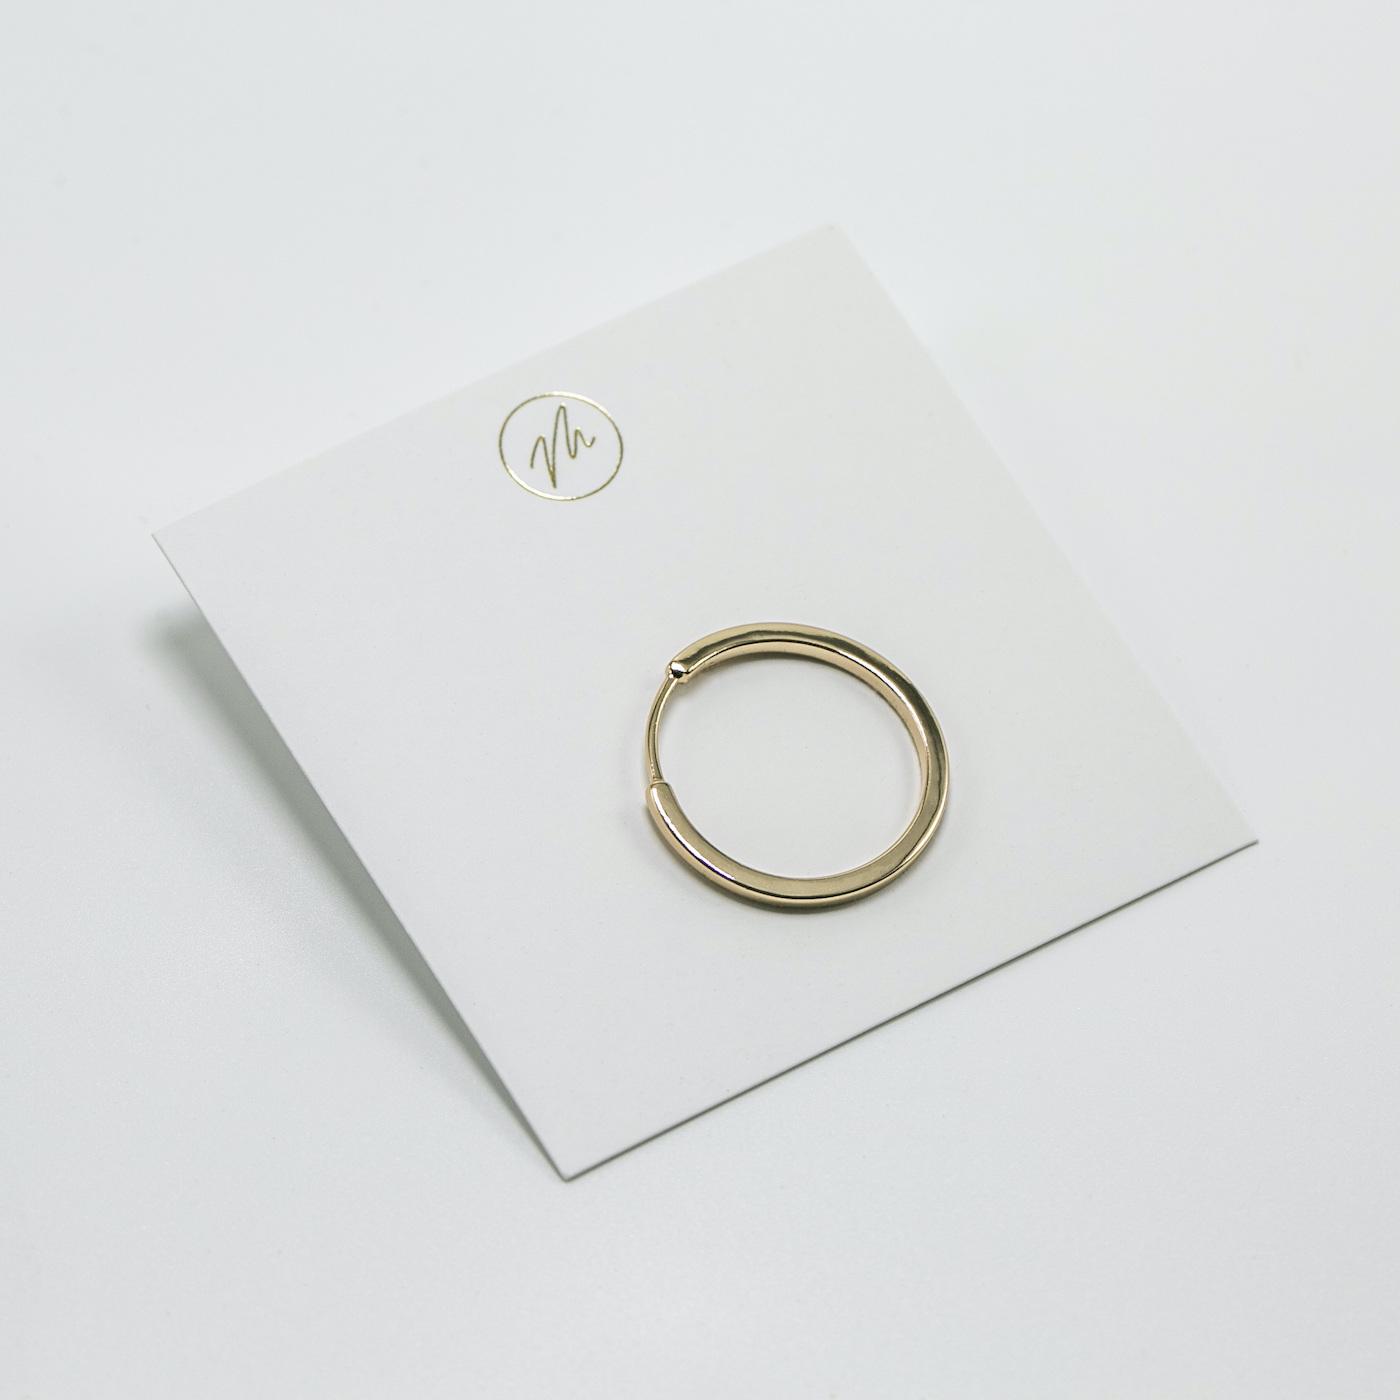 Pin:Card